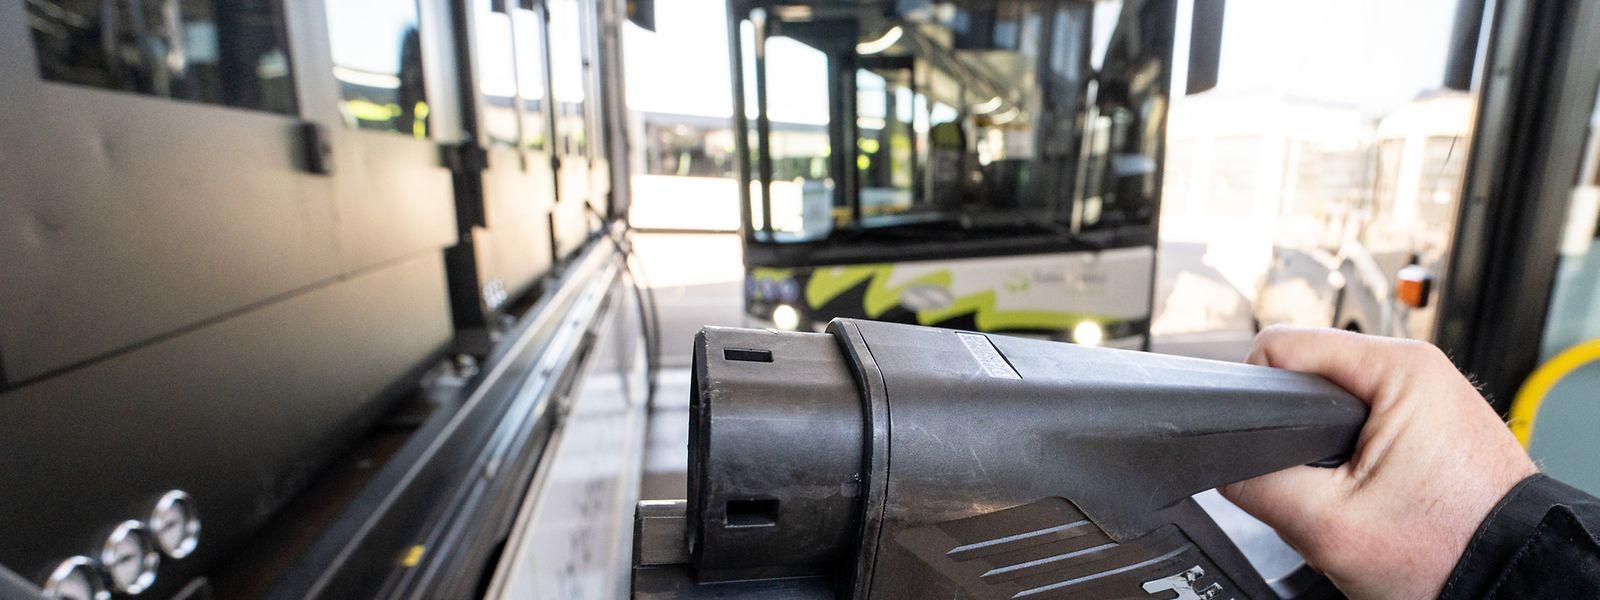 Der neue Ladeanhänger soll Tausende Fahrten zu den Betriebshöfen überflüssig machen, hofft Sales-Lentz.